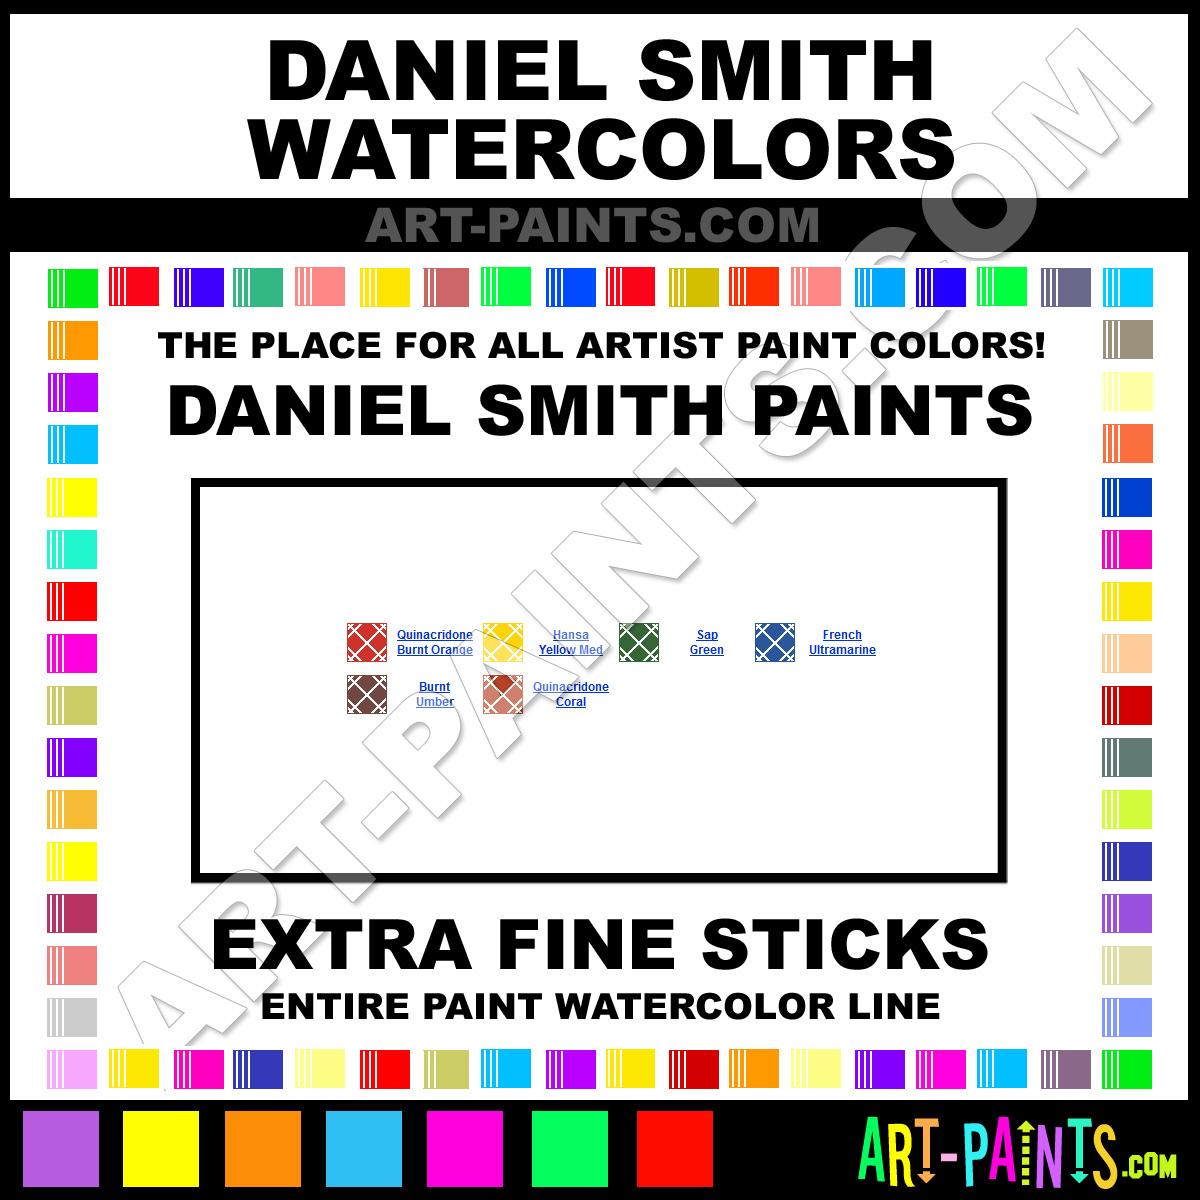 Daniel Smith Extra Fine Sticks Watercolor Paint Colors